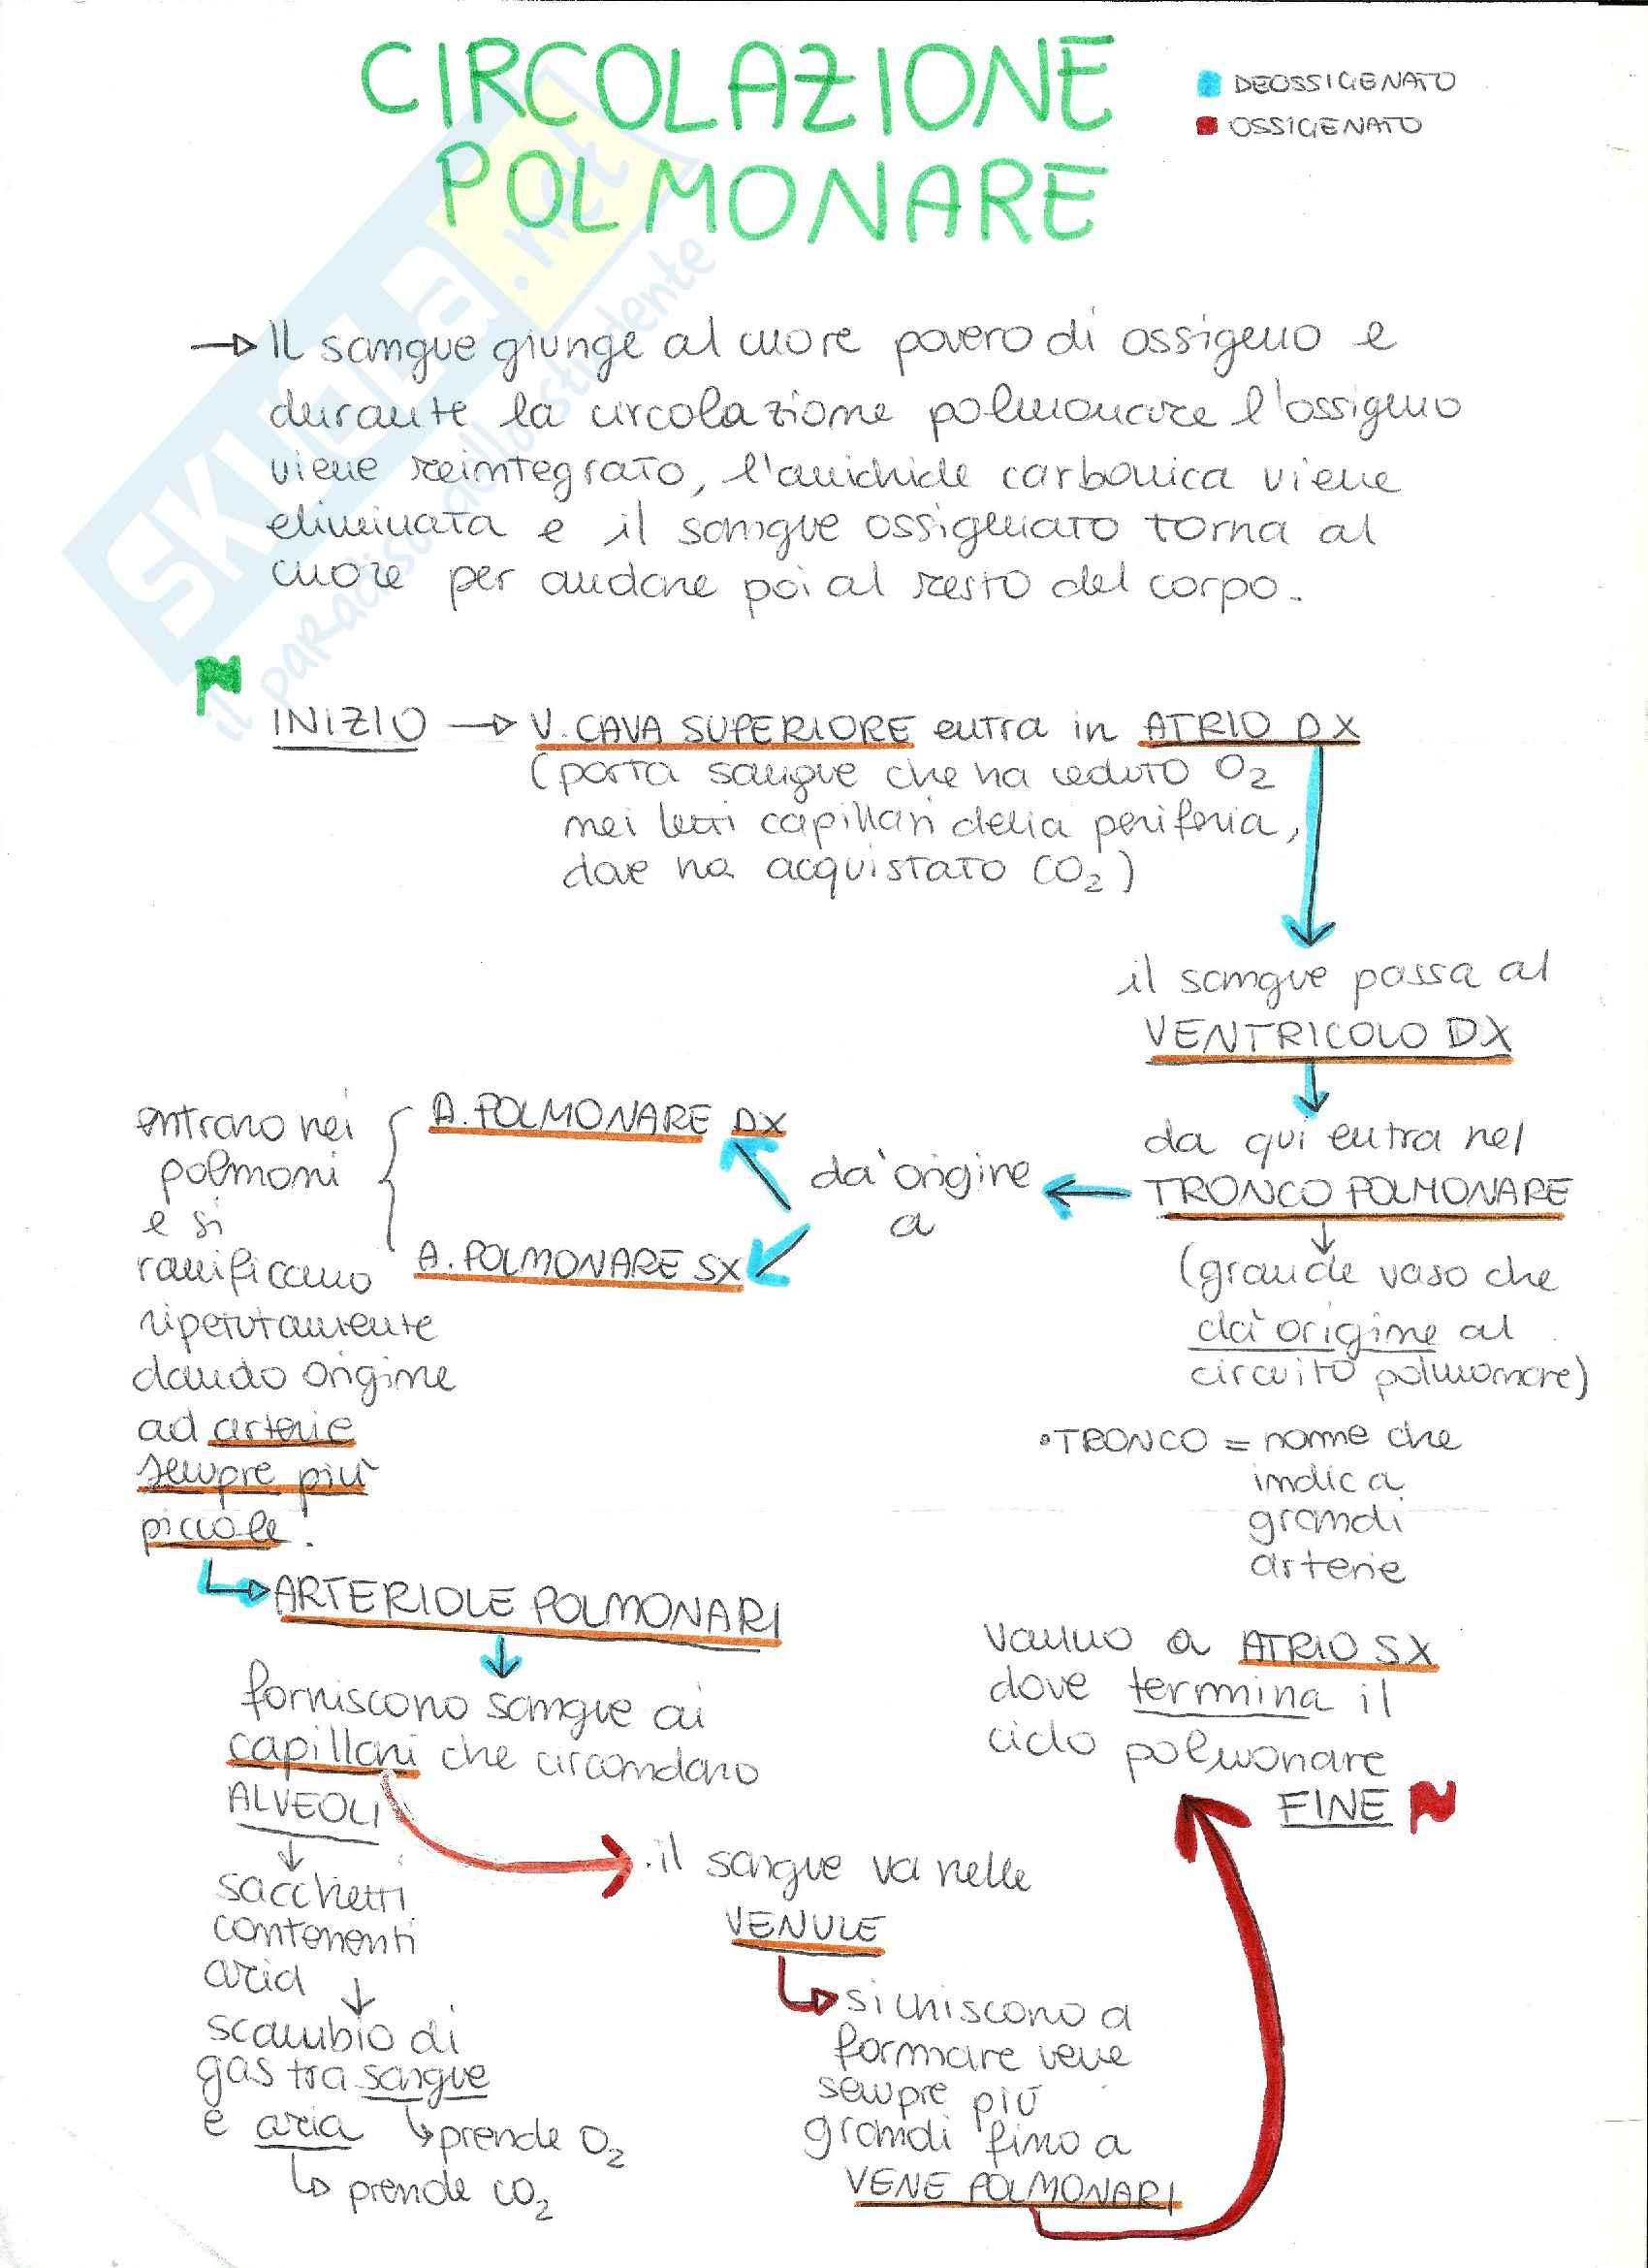 Appunti anatomia umana